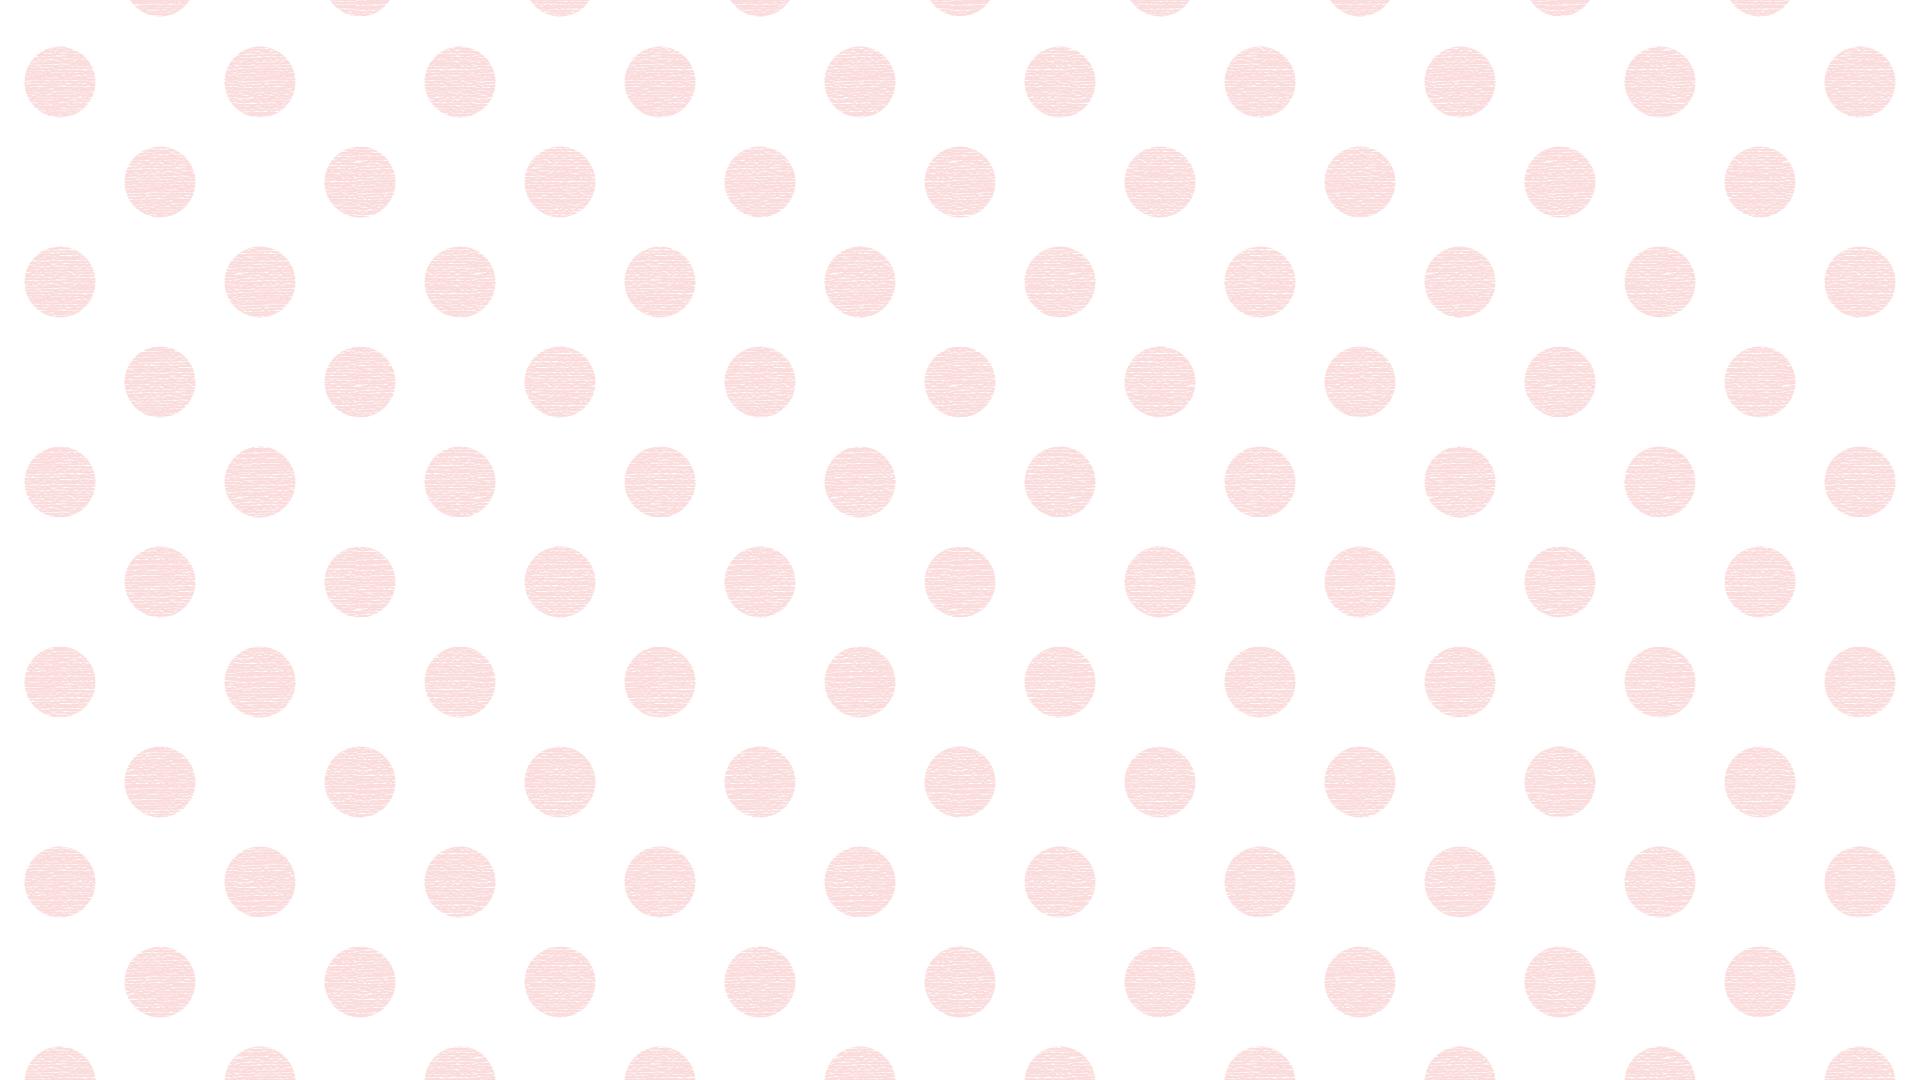 ドット模様1_pink